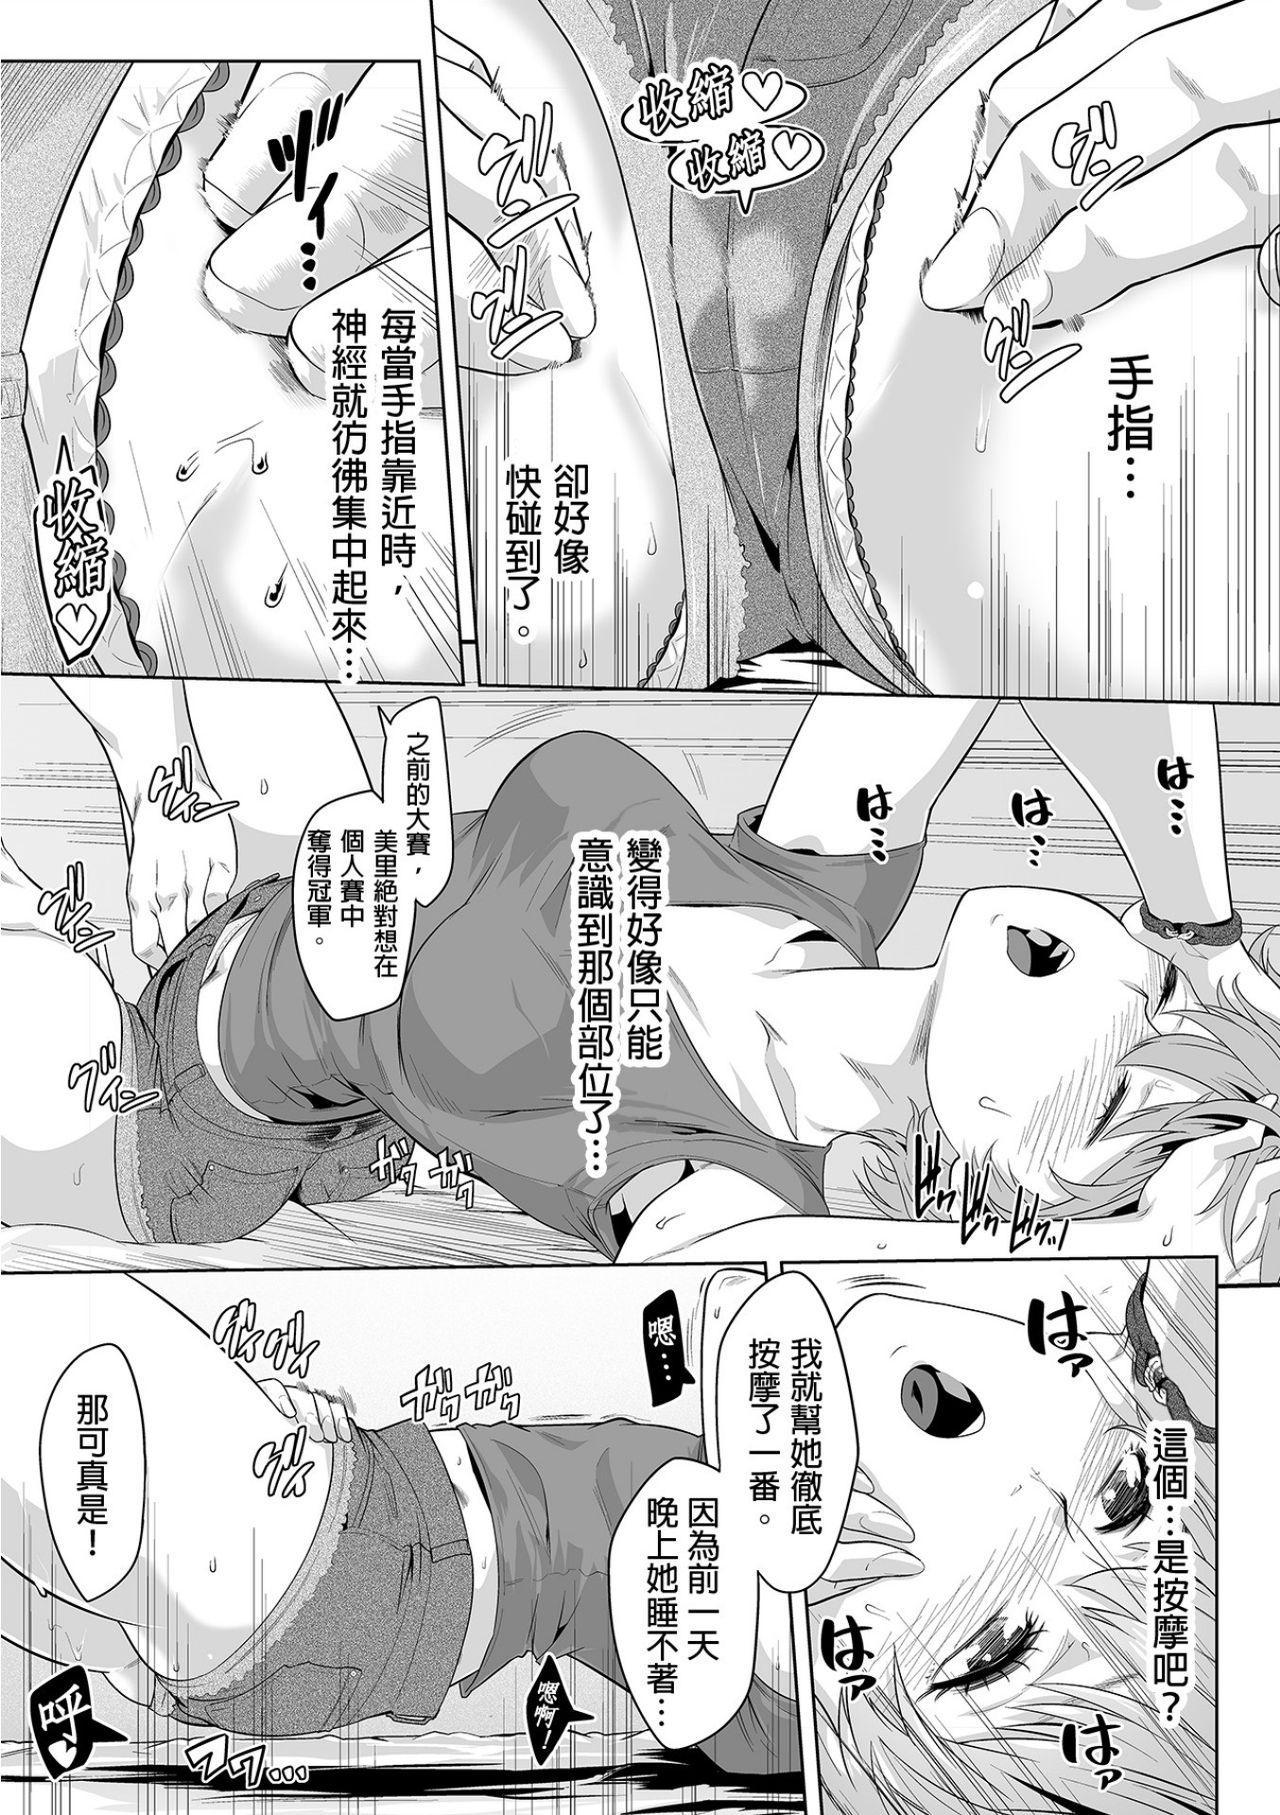 [Qunami Himehiko, Akahige] Gifu no Nurunuru Massage ~Musume no Kori o Asa kara Kurikuri~ | 義父的濕答答按摩~一早幫忙女兒放鬆肌肉~ Ch. 9 [Chinese] 7